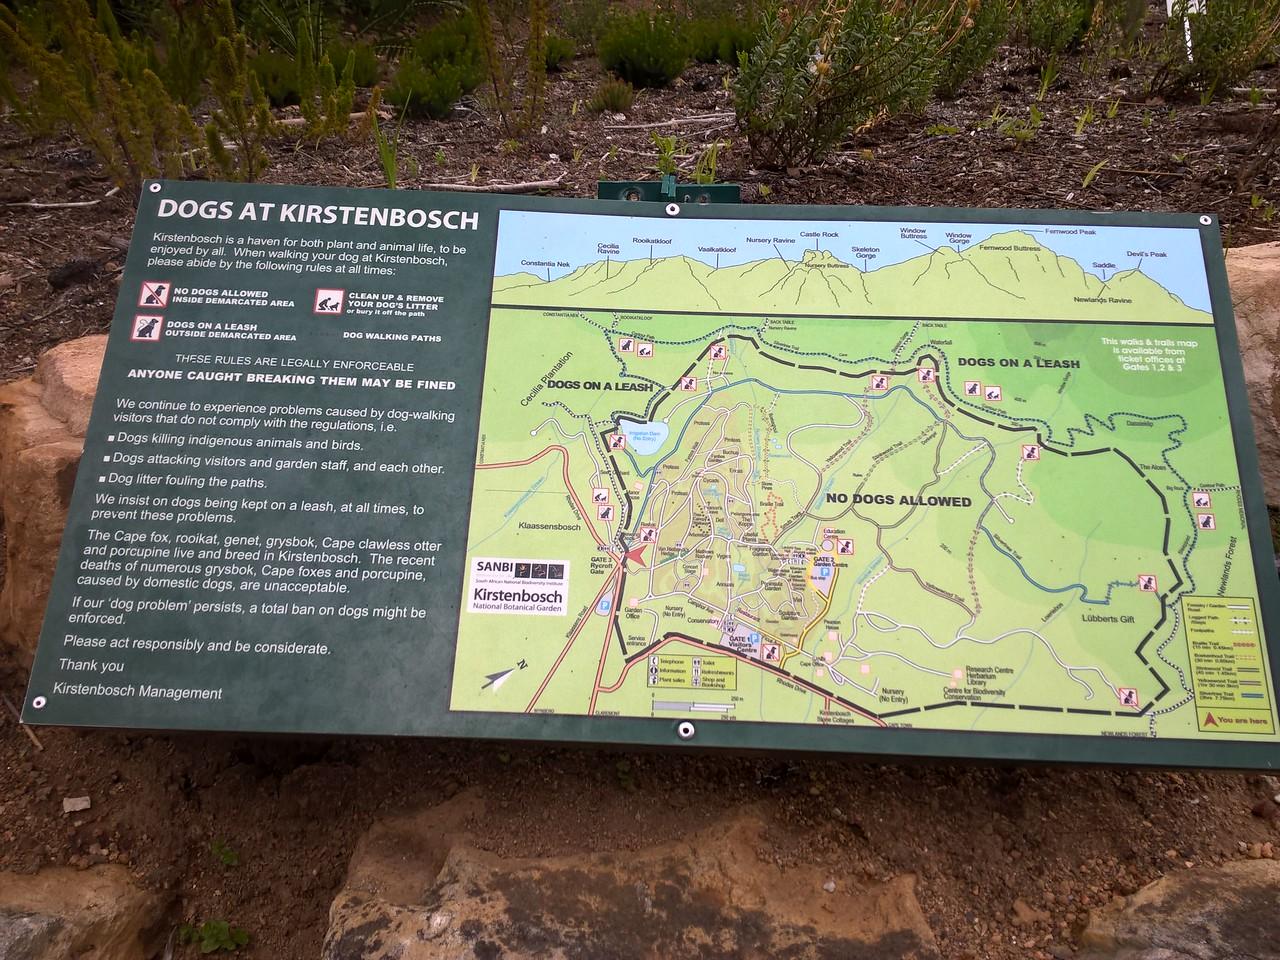 Kirstenbosch is a beautiful garden.